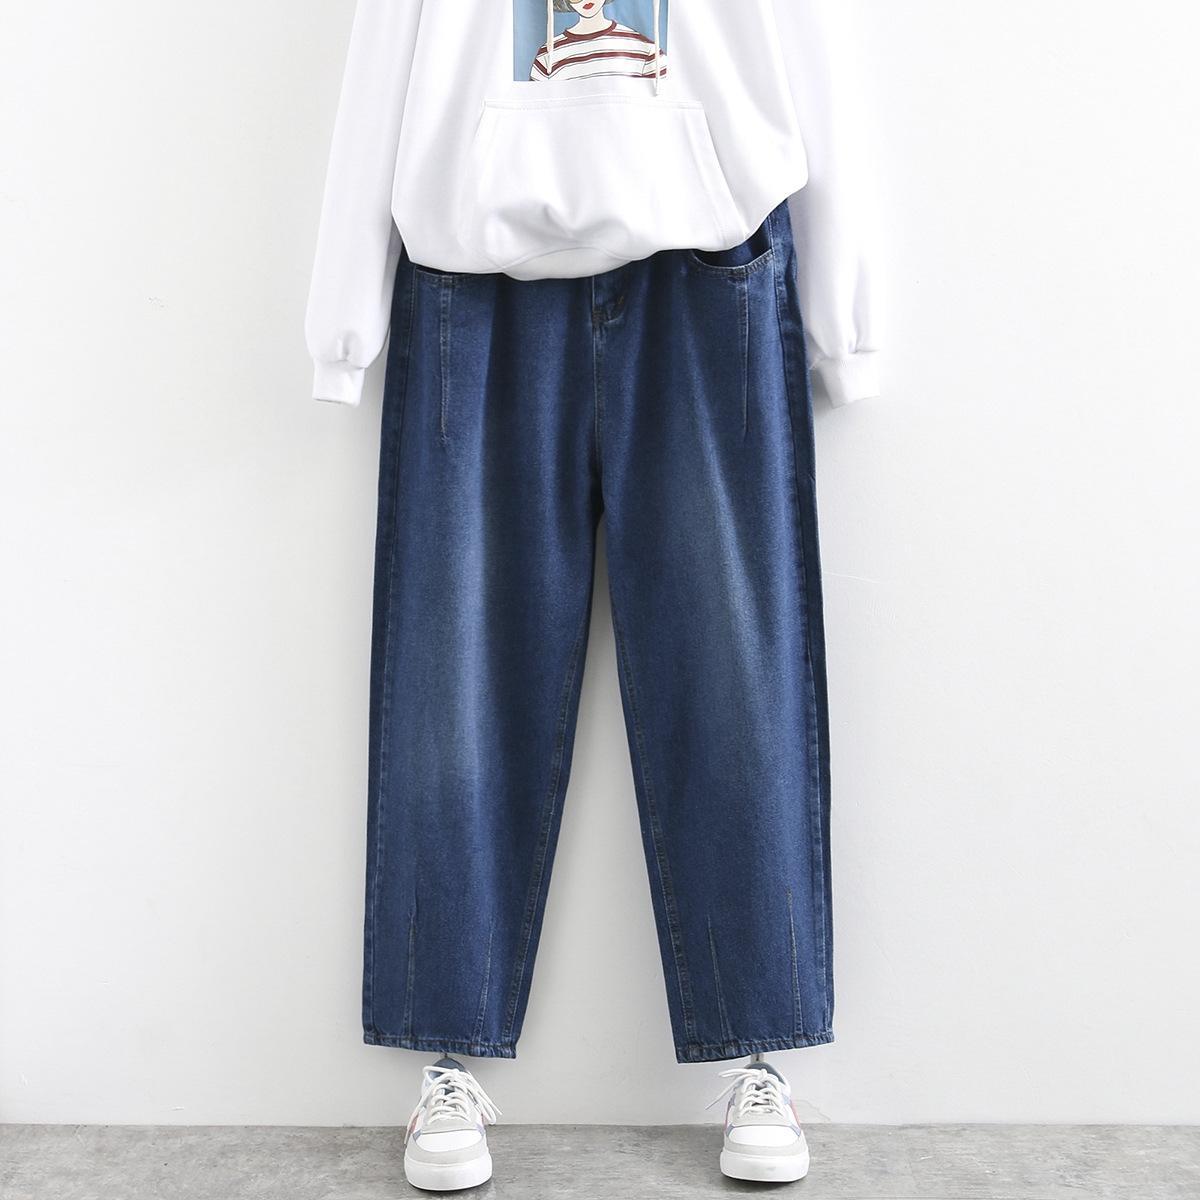 stile coreano 4H7Pm dimagrimento sciolti e dei jeans dei jeans pantaloni corti papà pantaloni 200 jin ragazza grassa, più grasso di grandi dimensioni 2701 donne abbigliamento